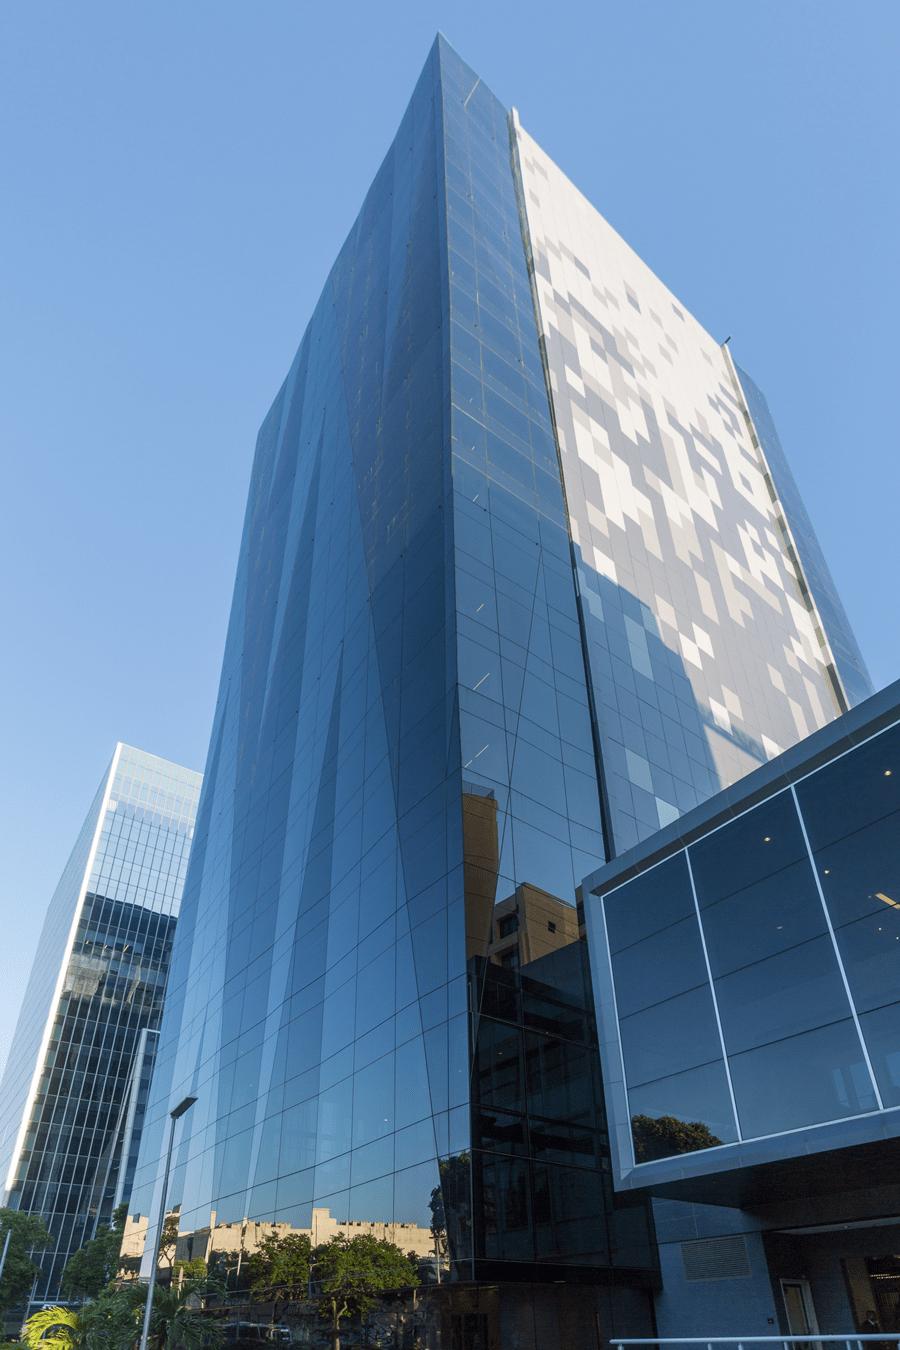 Facade of L'Oréal´s headquarters, Rio de Janeiro, Brazil